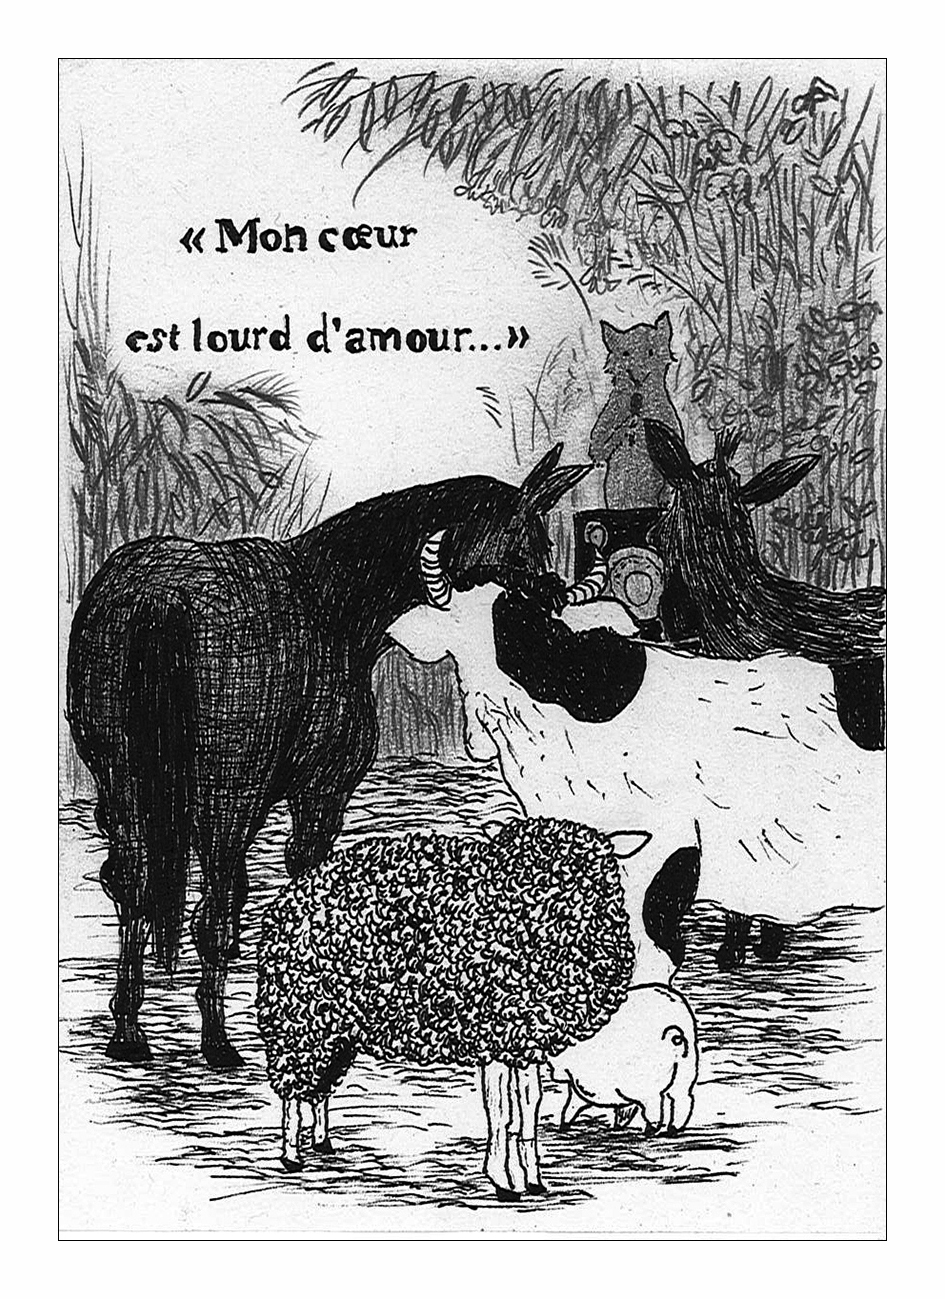 l'amour et le renard - aymeric hainaux - 2014 - 03